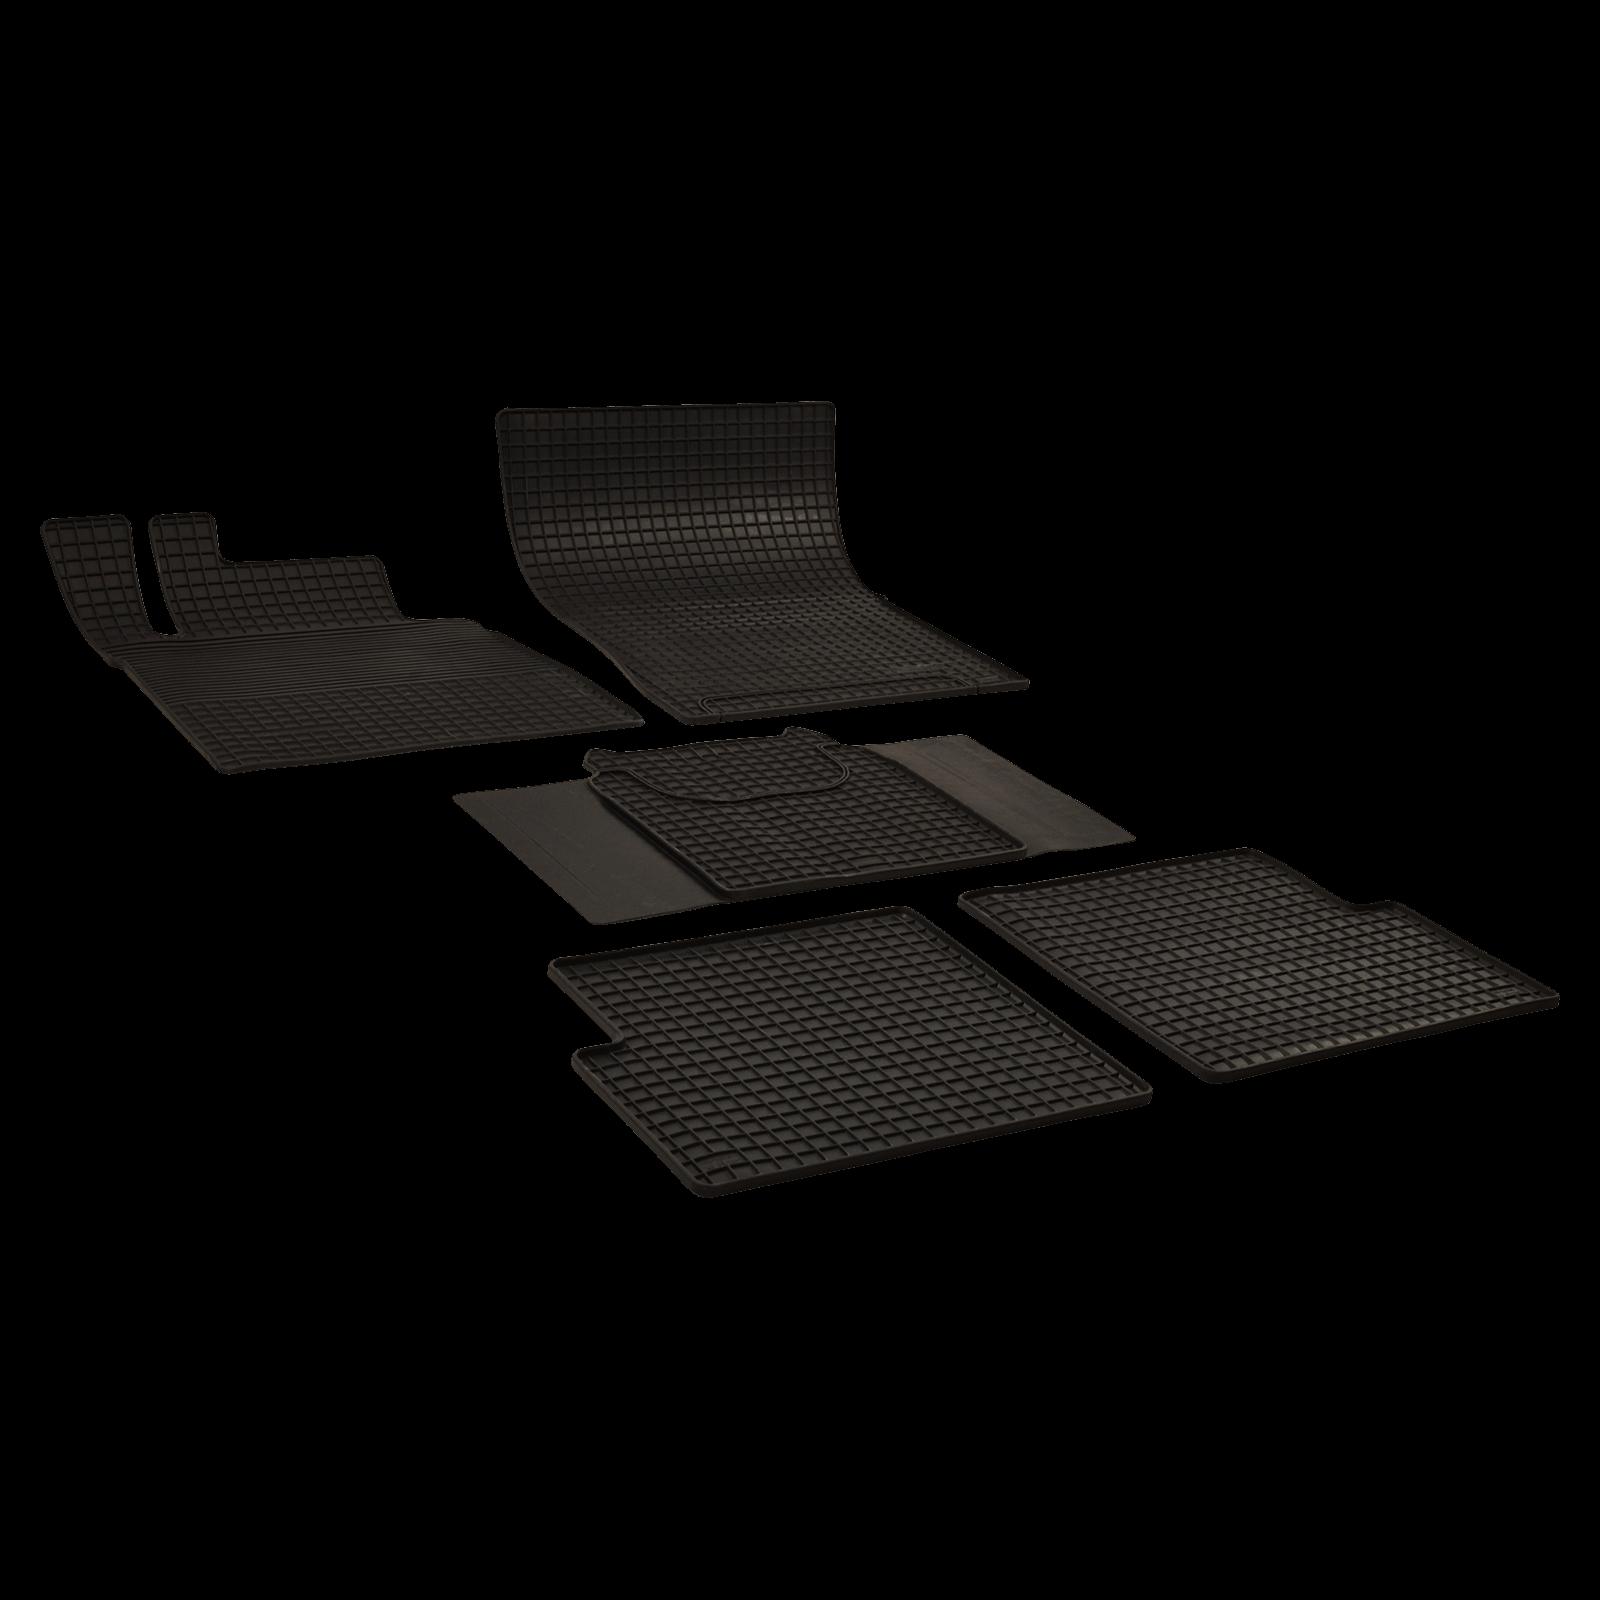 tapis de sol en caoutchouc anthracite pour mercedes benz classe g bj. Black Bedroom Furniture Sets. Home Design Ideas